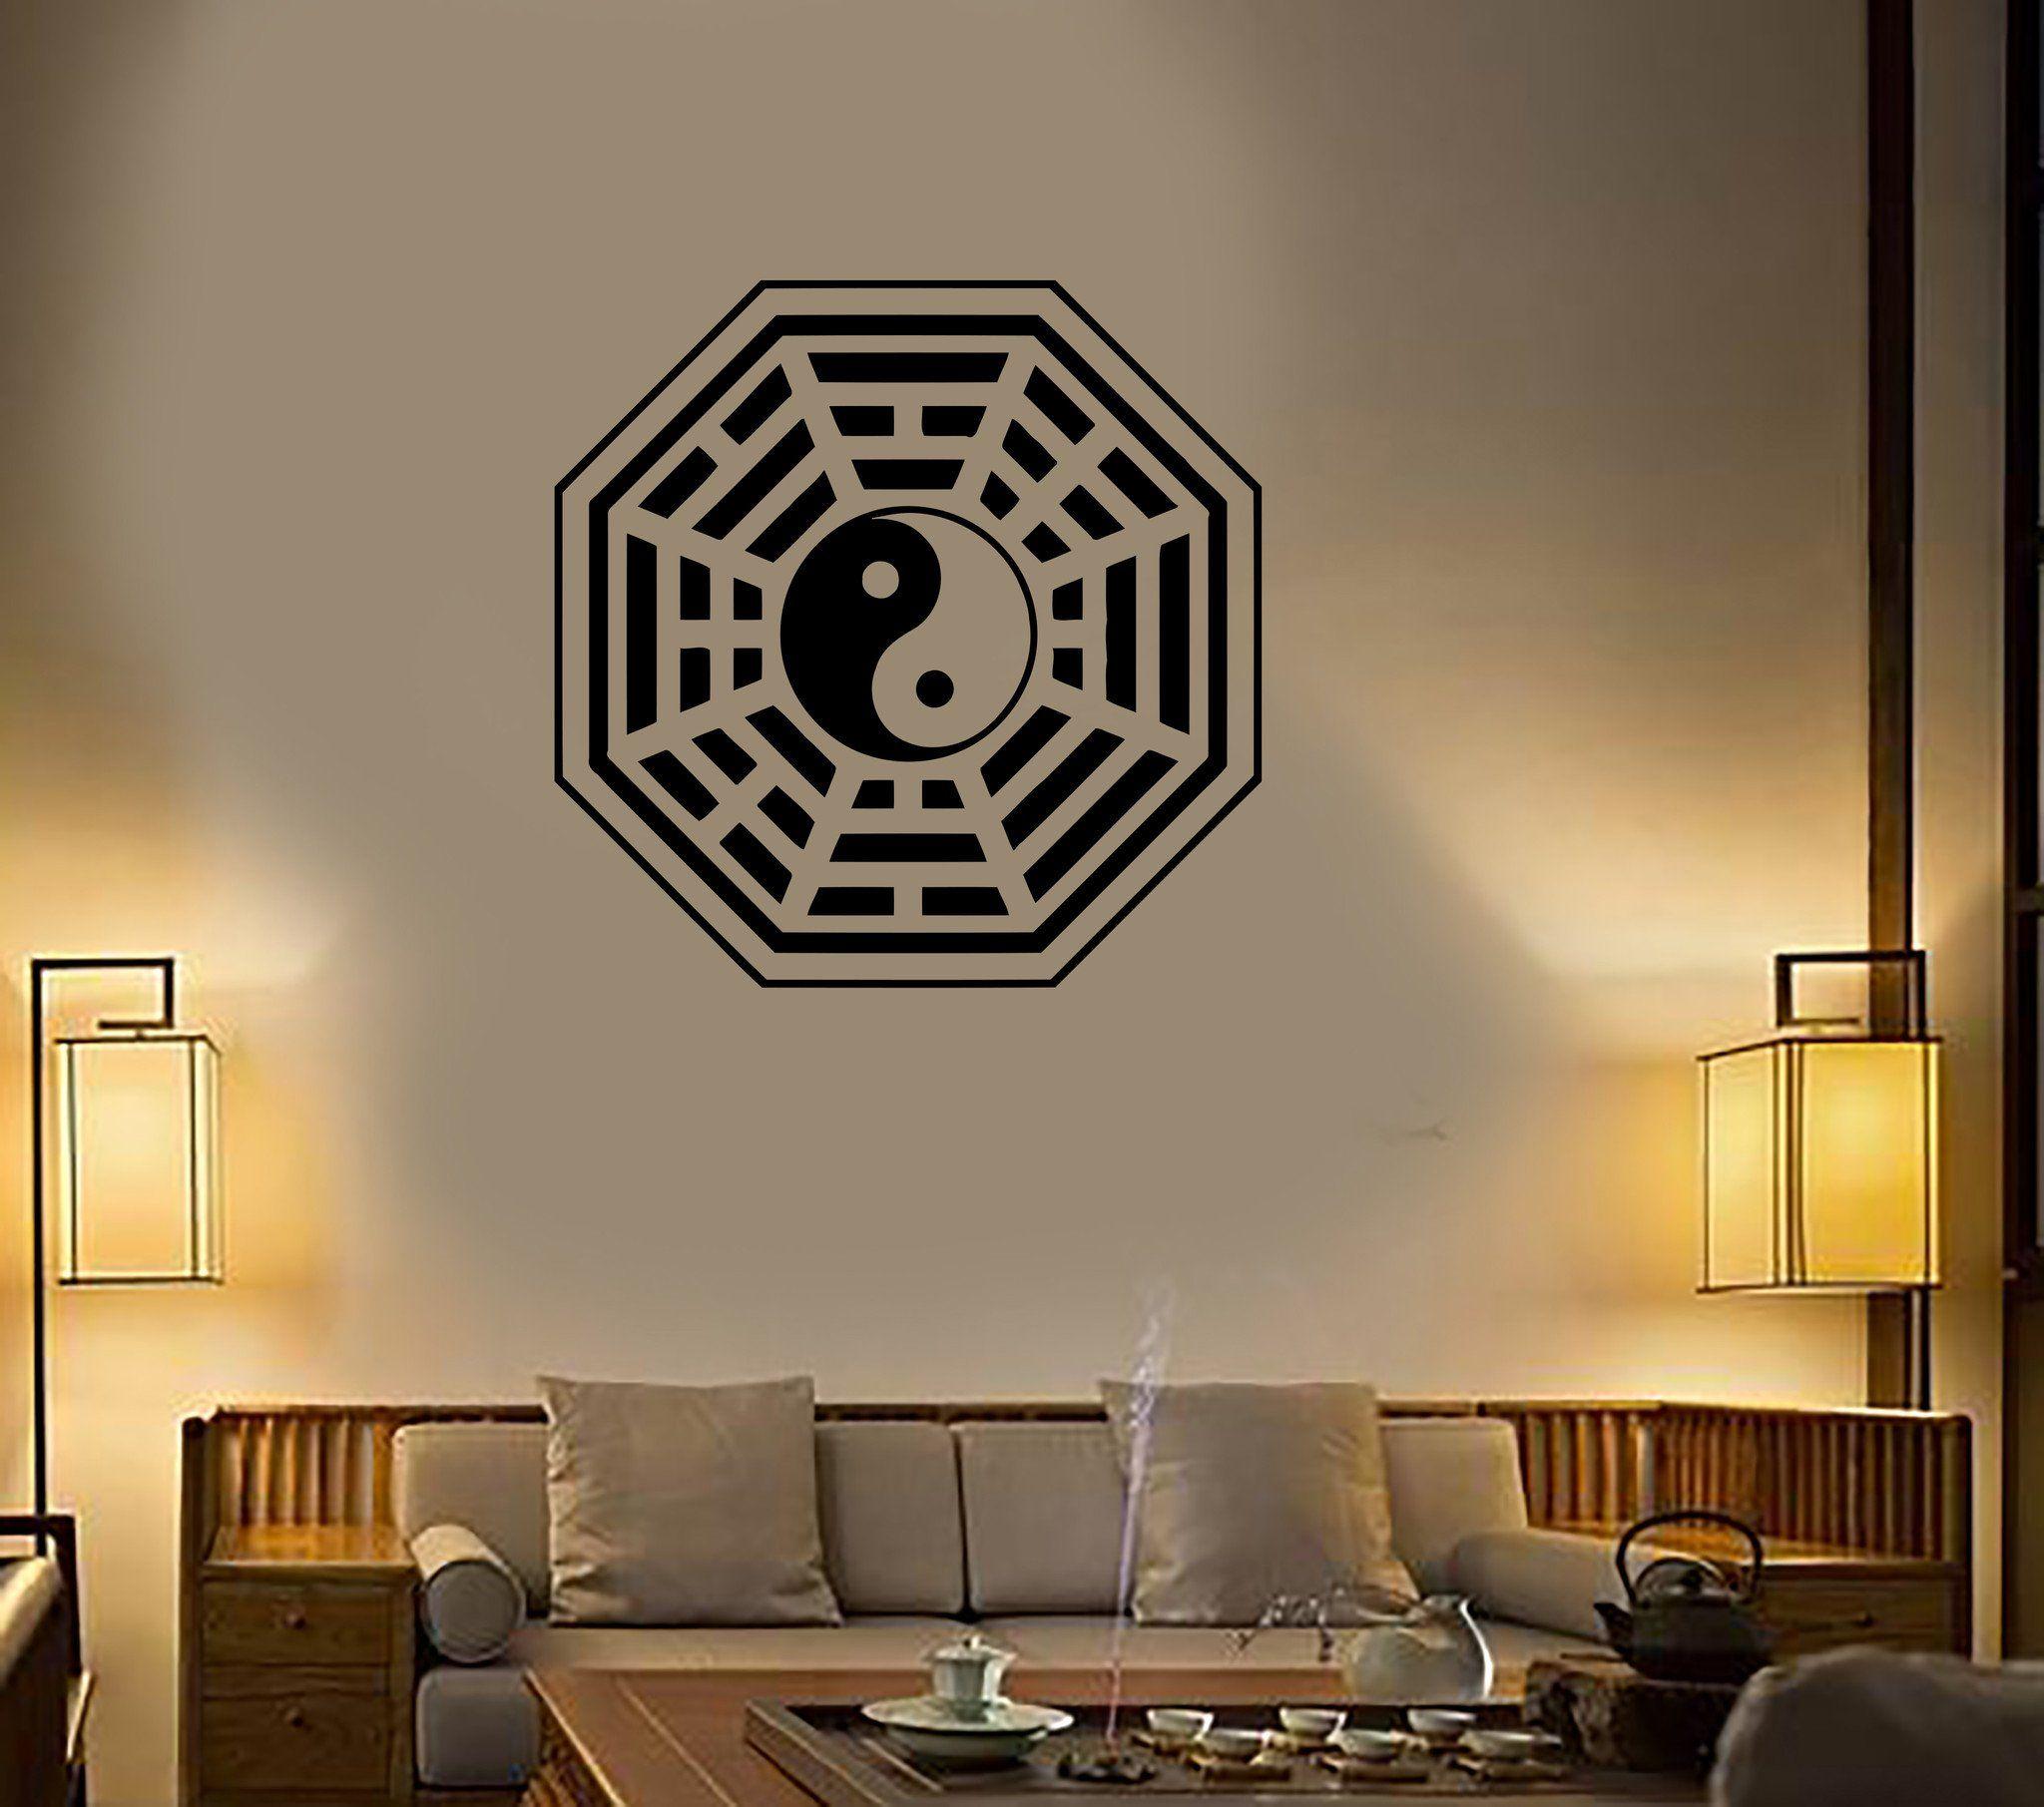 Wall decal buddha yin yang oriental relaxation meditation om decor